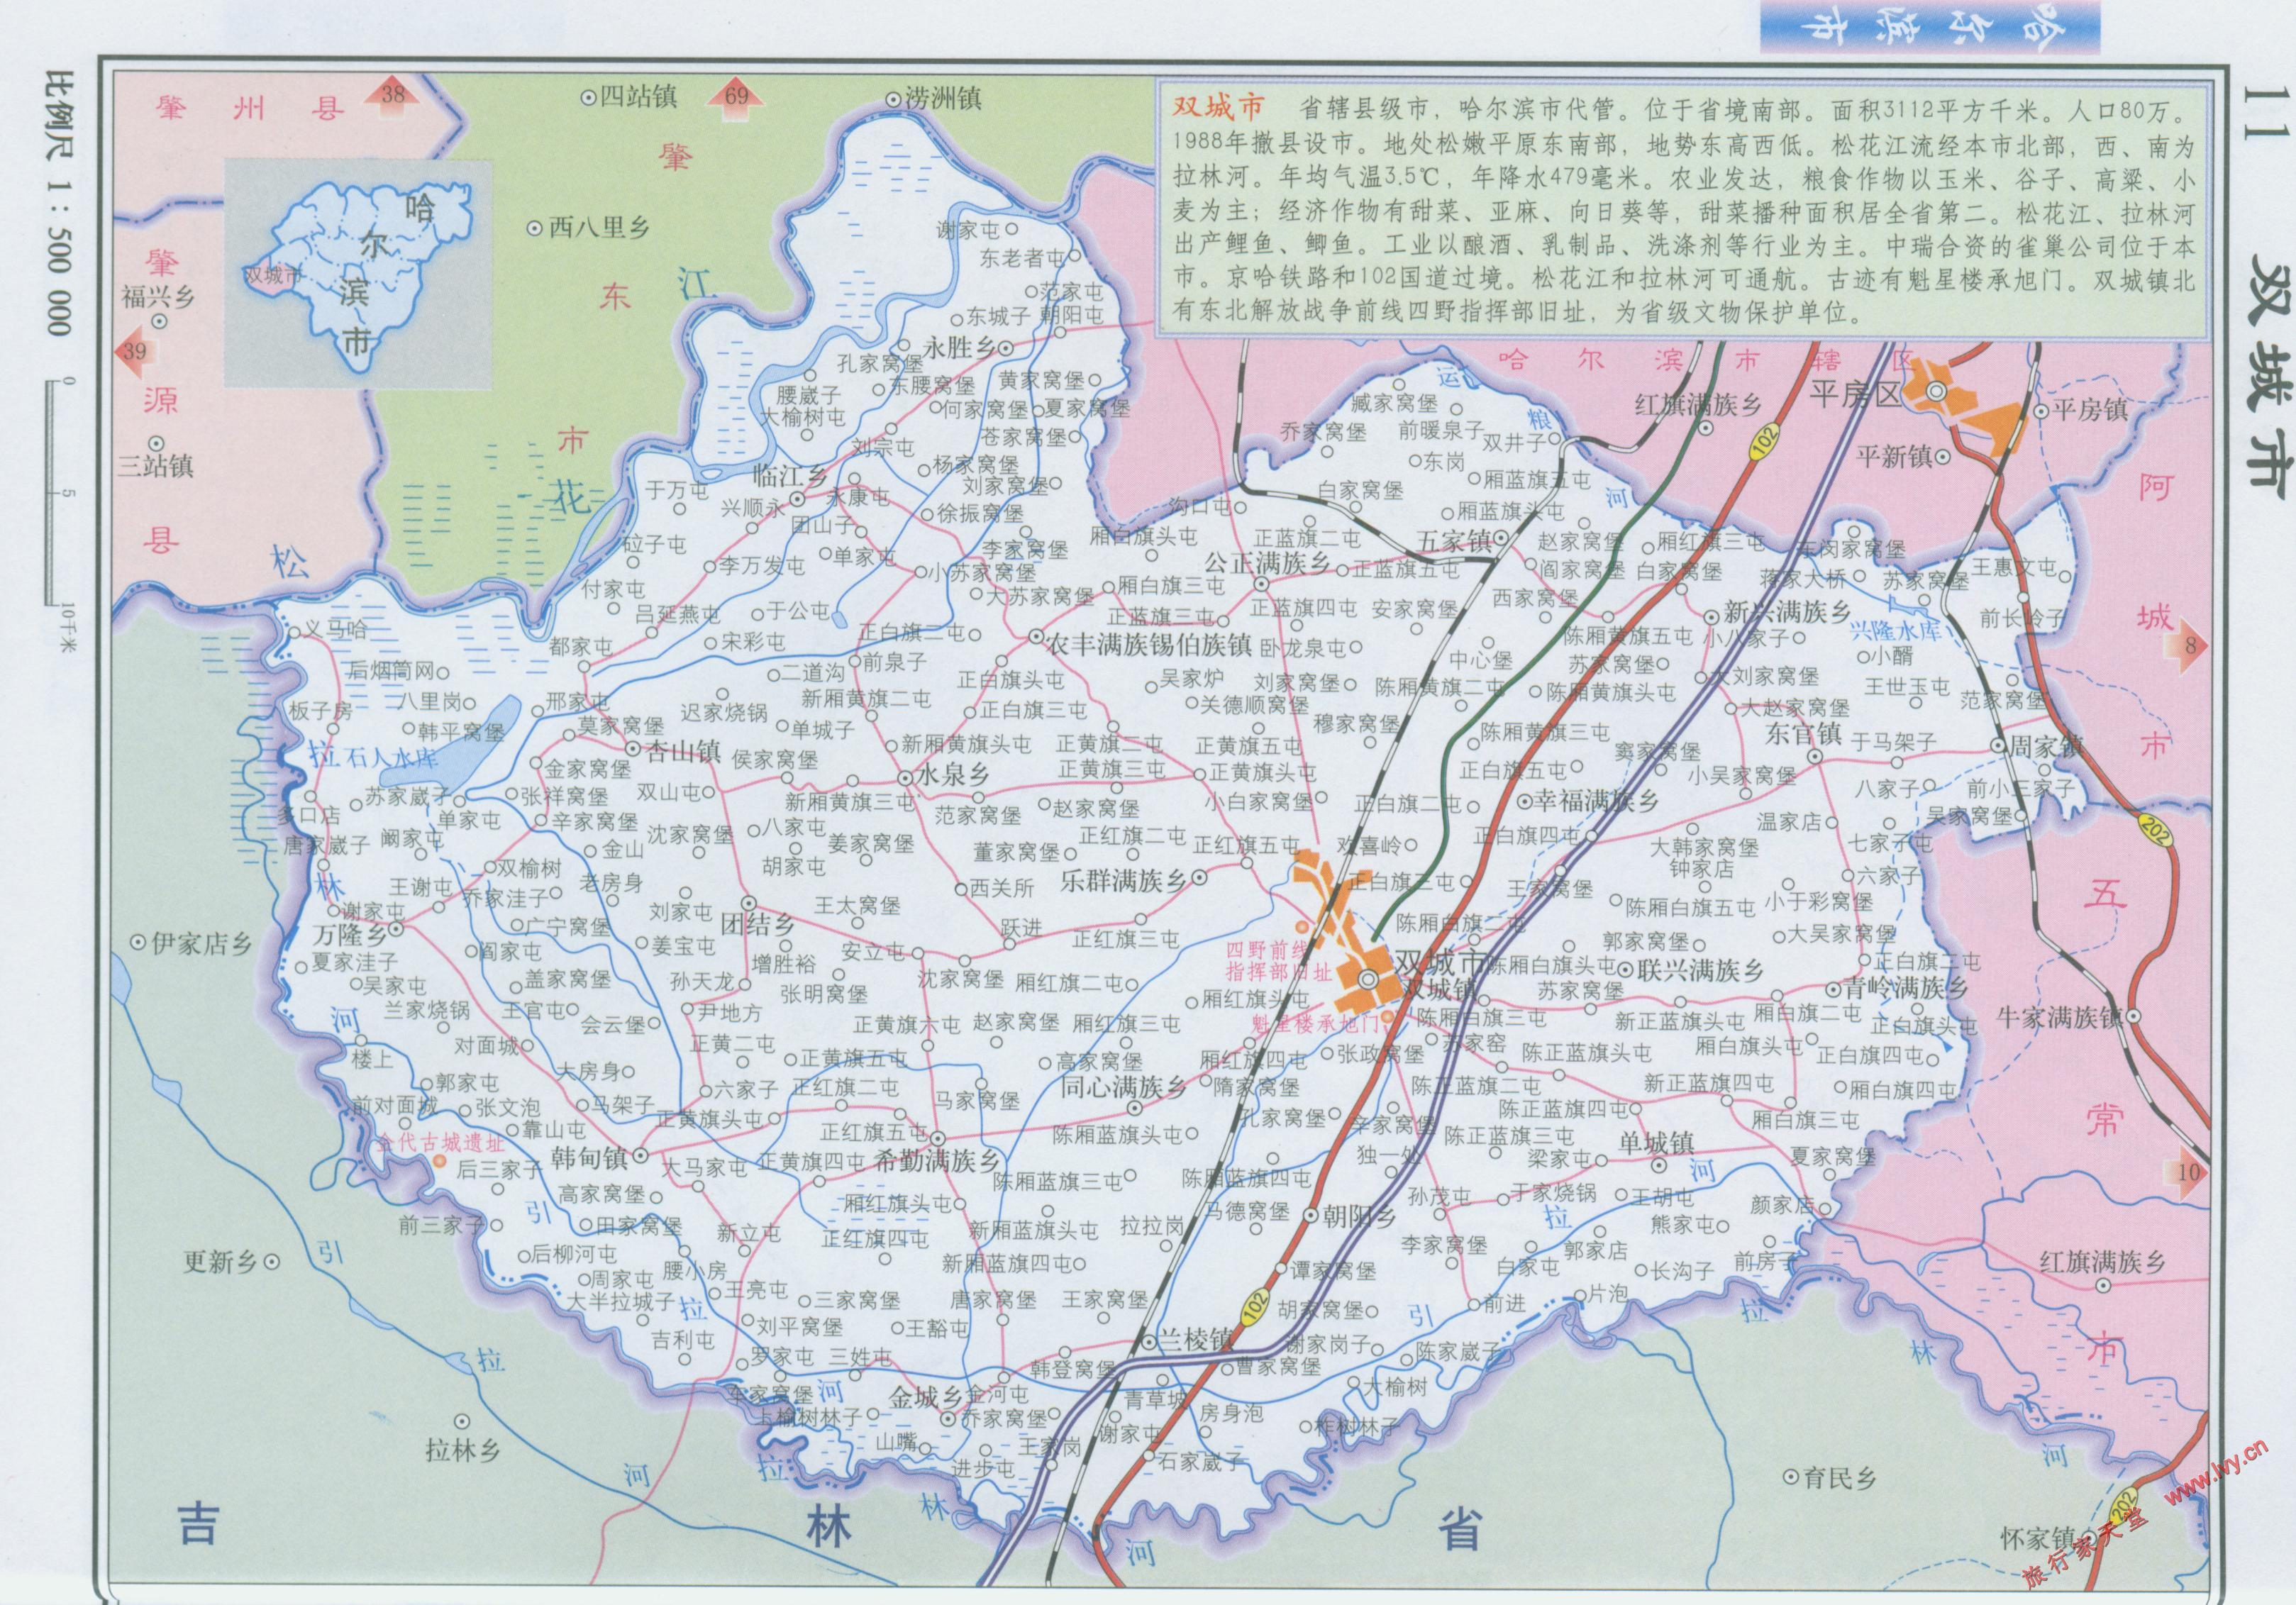 双城市地图_哈尔滨地图查询